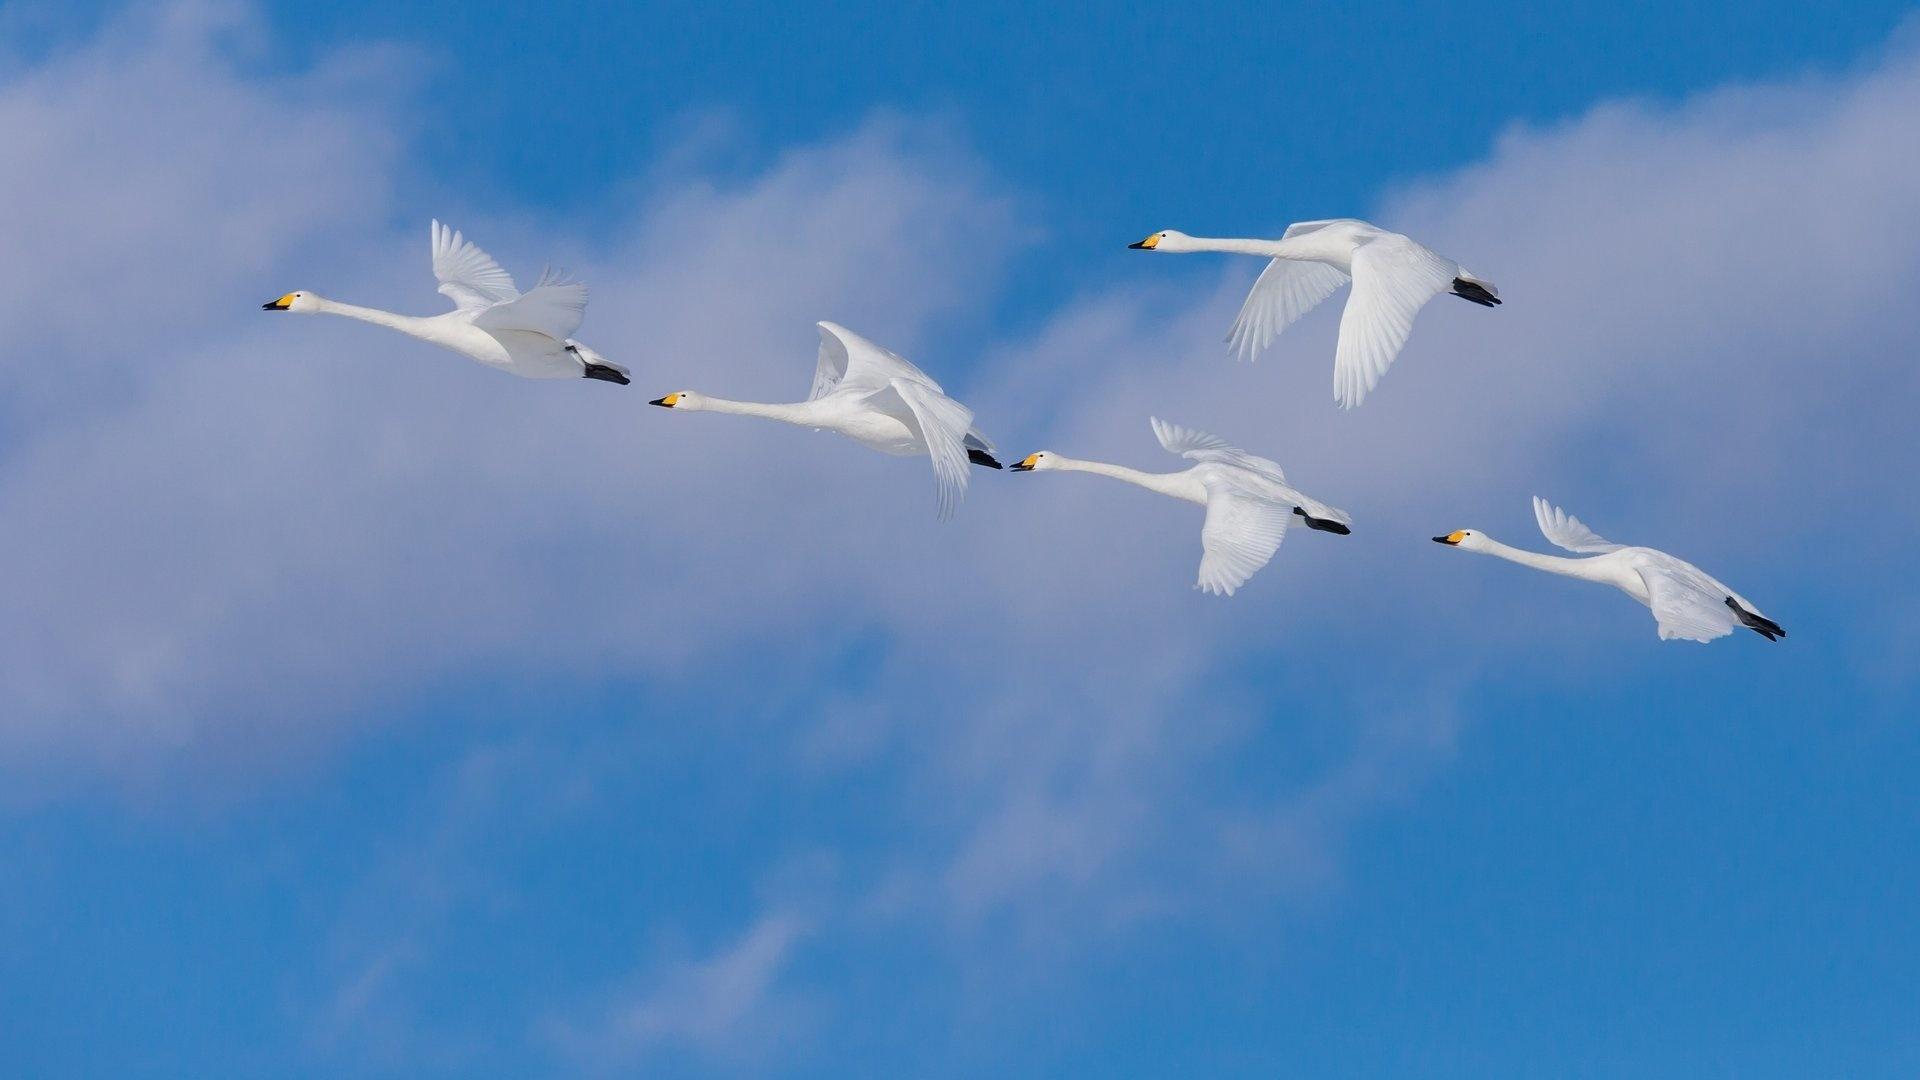 Фотографии лебедей в высоком качестве считается